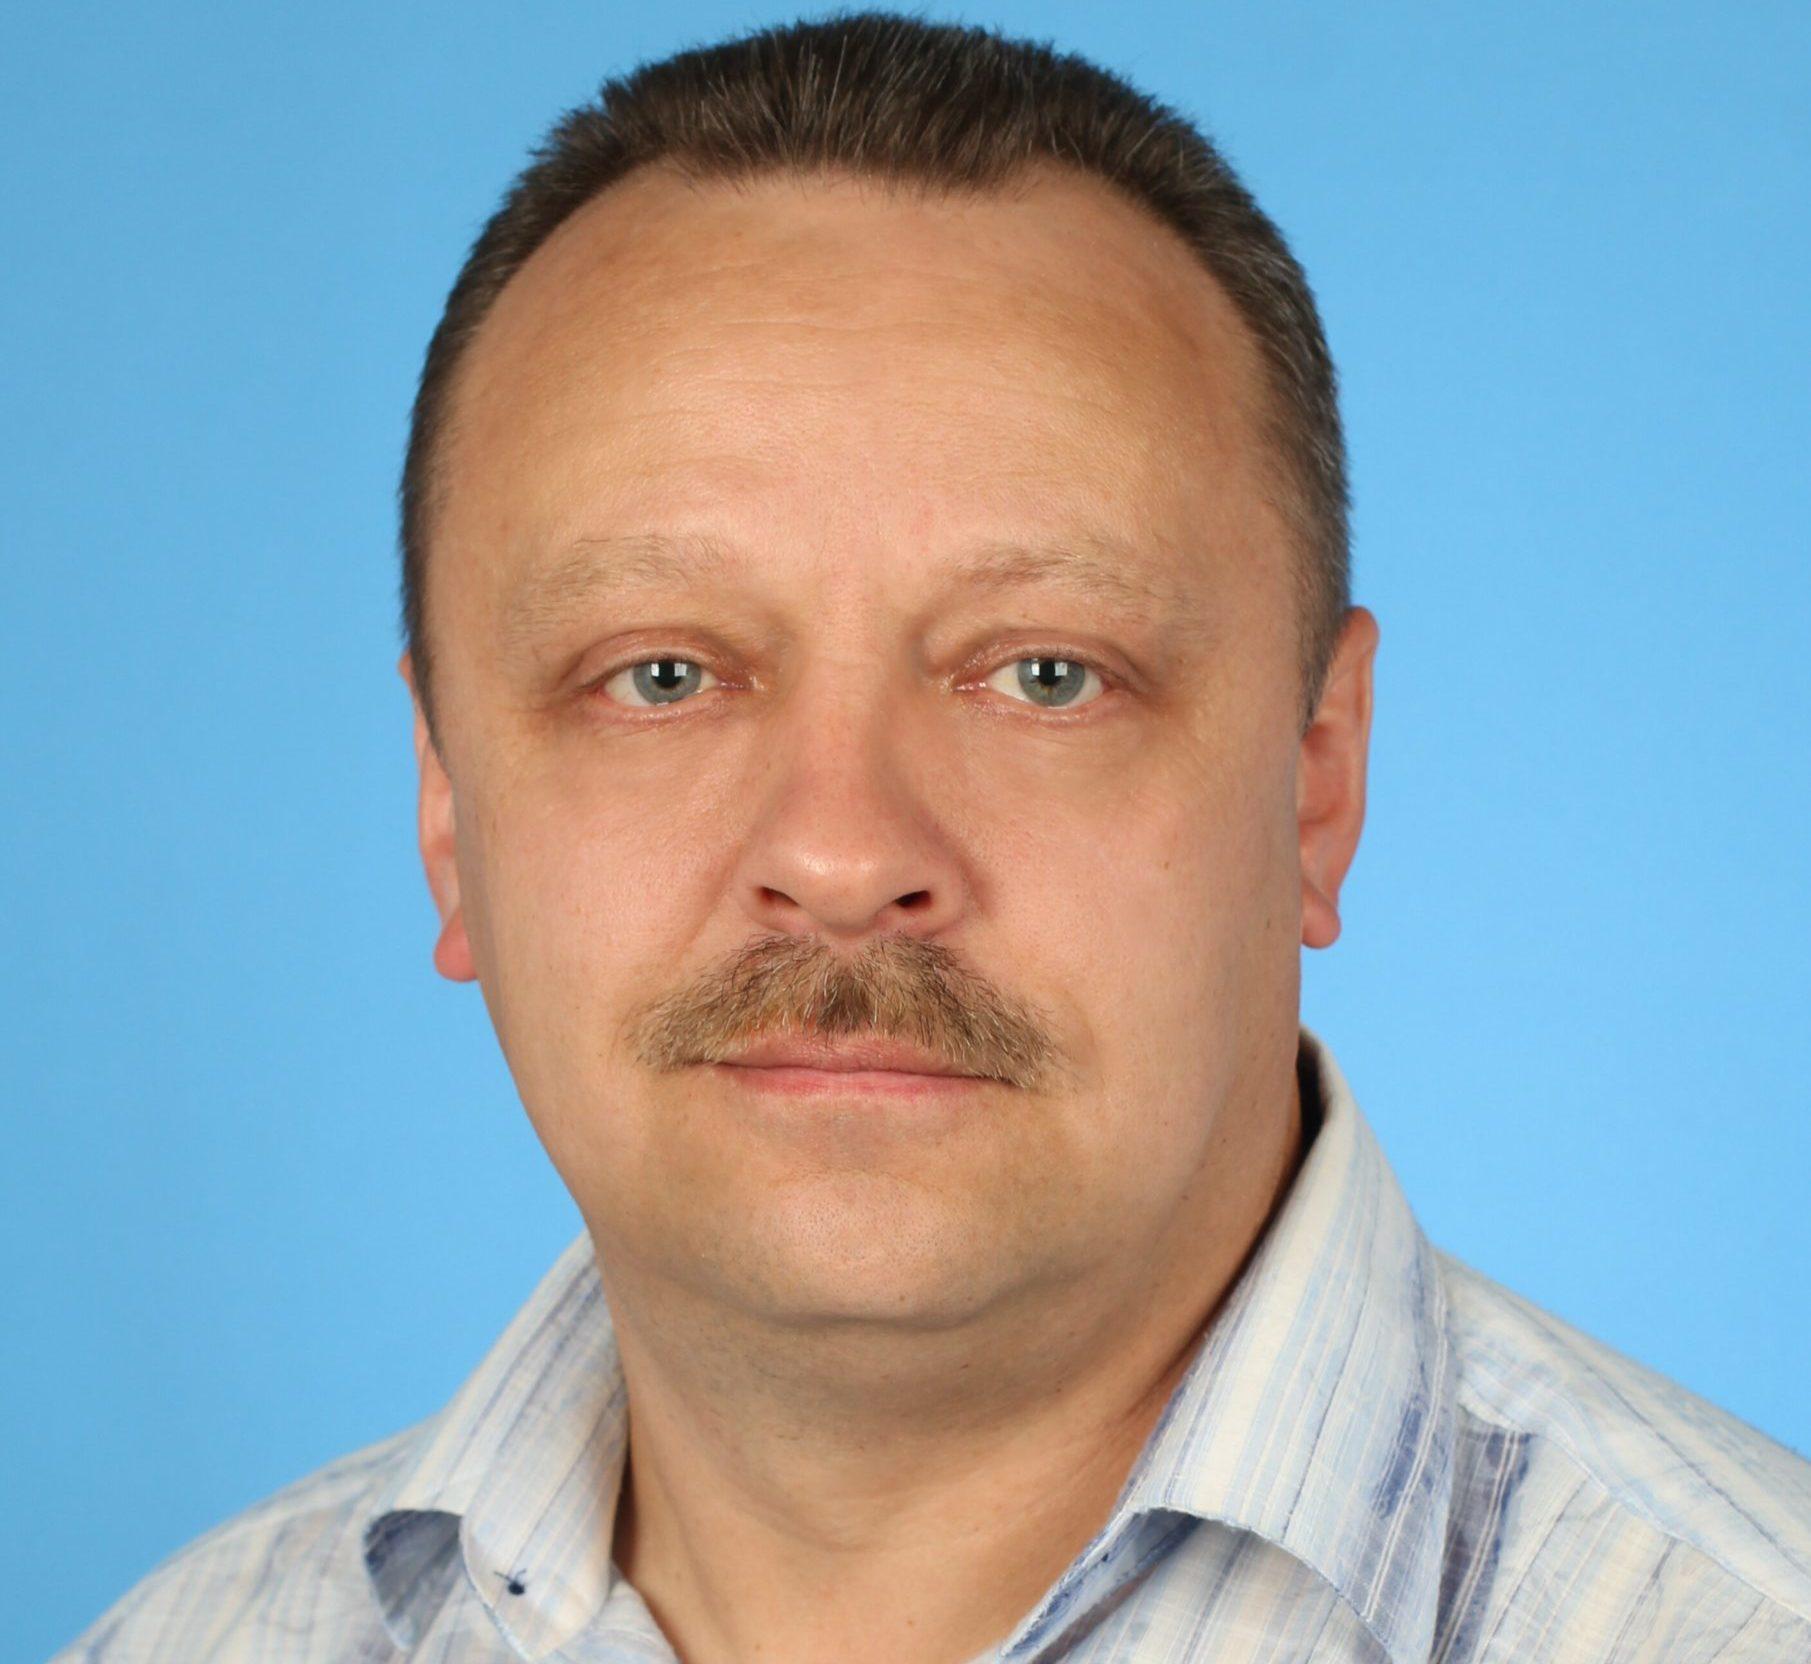 Сергей Белов: Единый оператор будет более справедливым